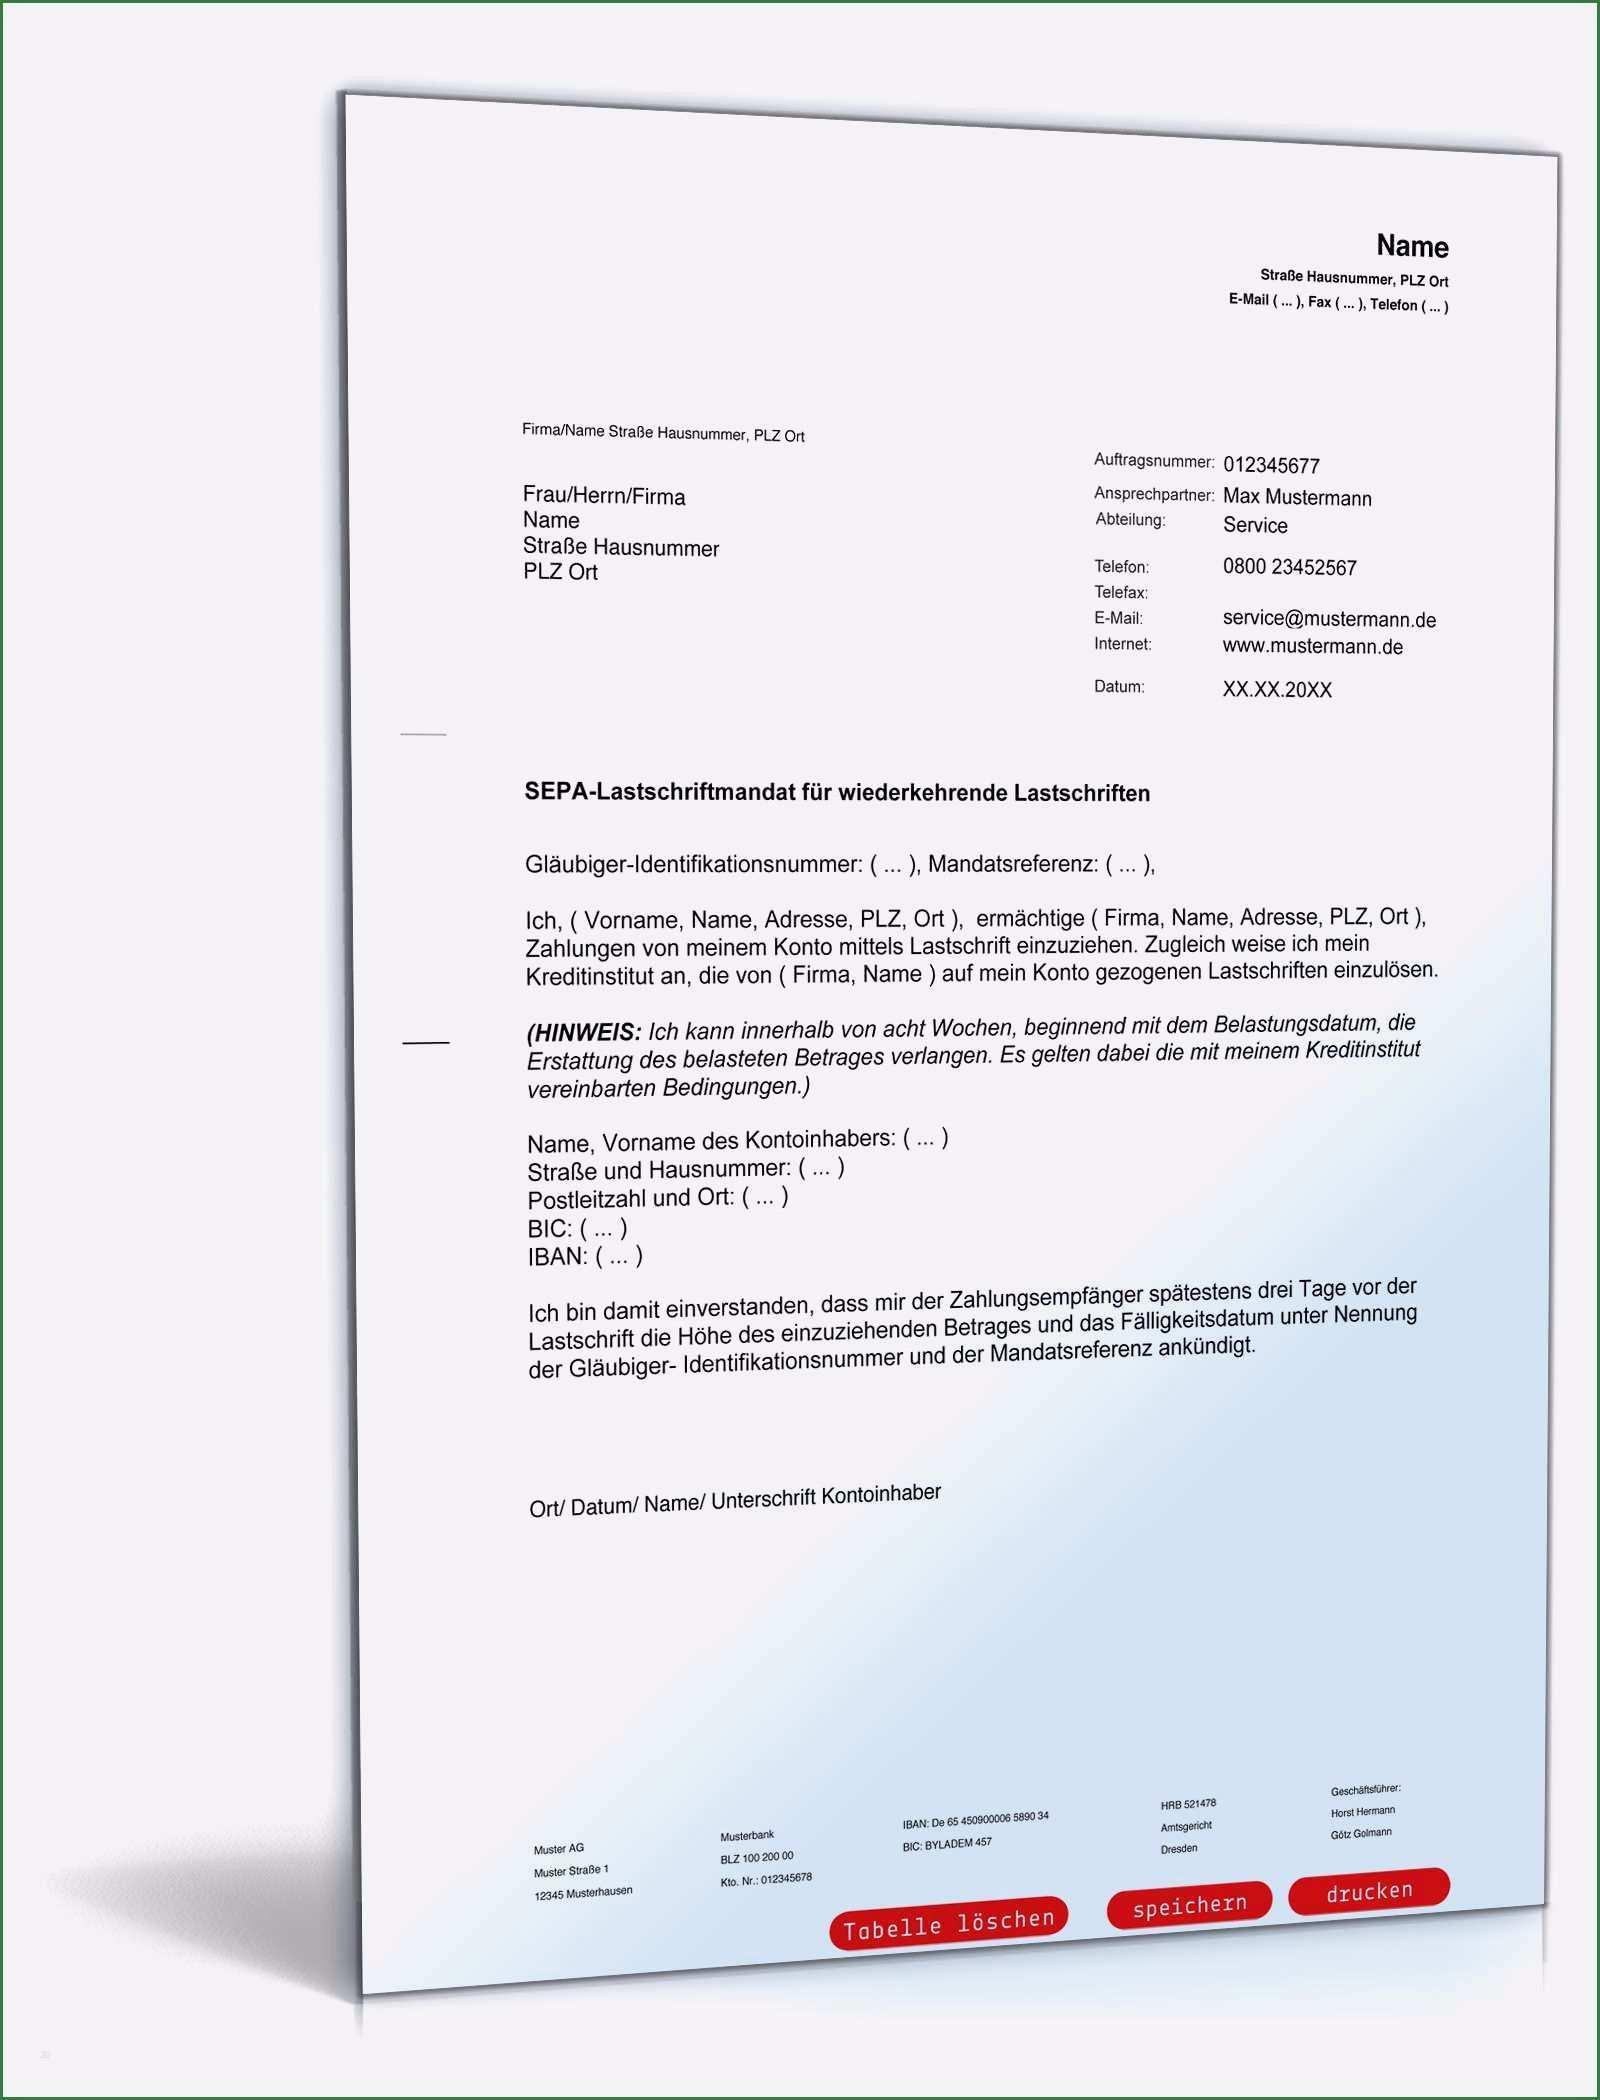 12 Feinste Widerruf Sepa Lastschriftmandat Vorlage Die Sie Begeistern Vorlagen Anschreiben Vorlage Arbeitsbescheinigung